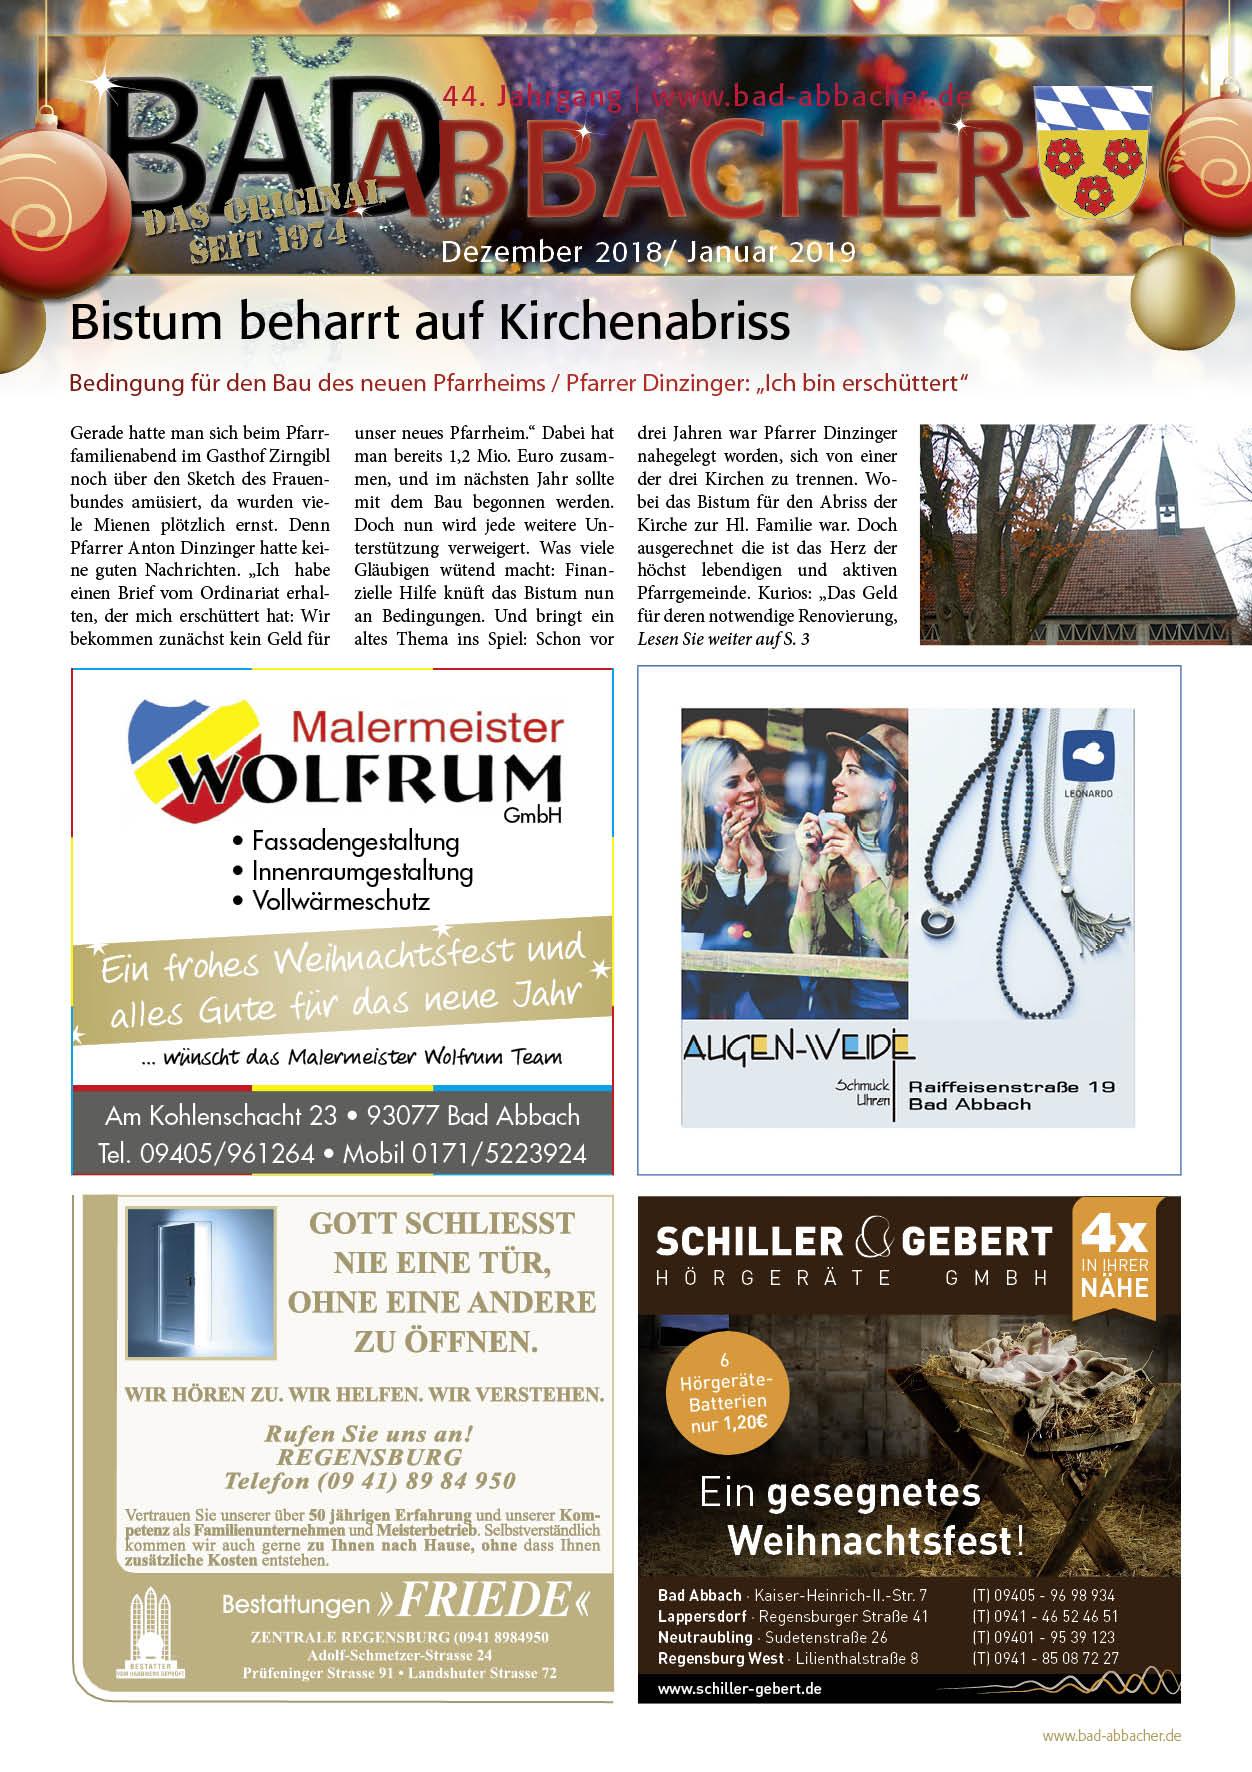 Bad-Abbacher-Dezember-2018